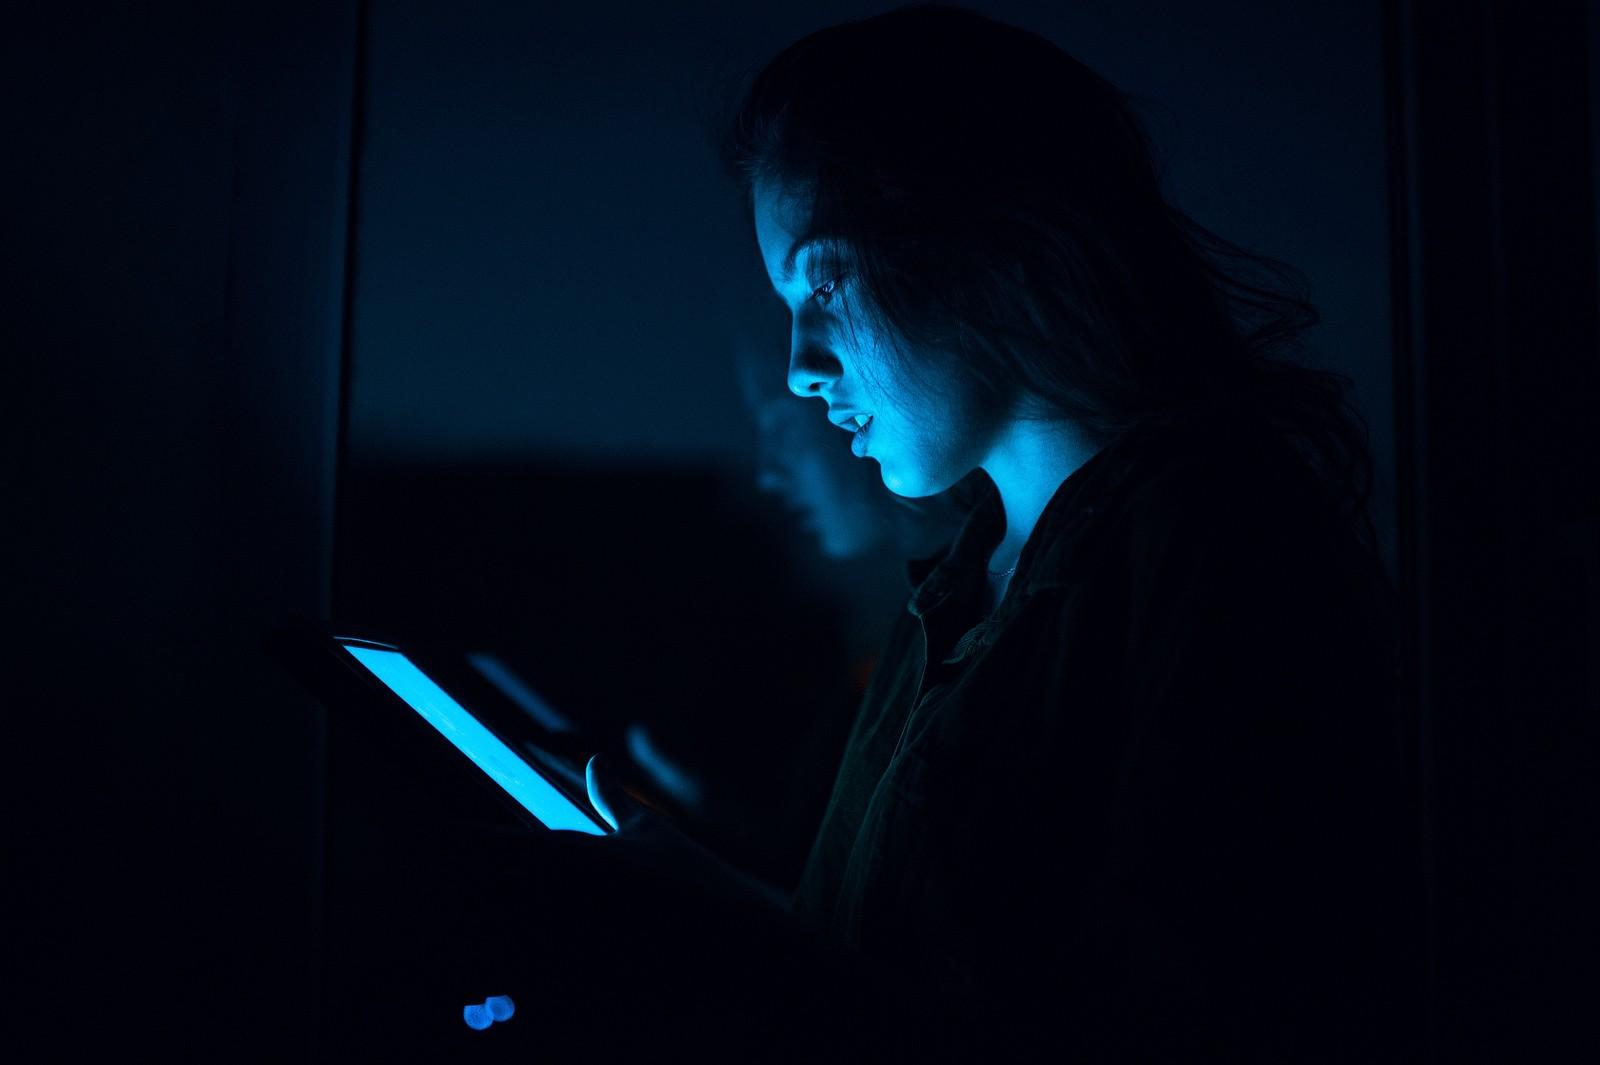 Sfondi Nero Donne Silhouette Blu Marat Safin Telefono